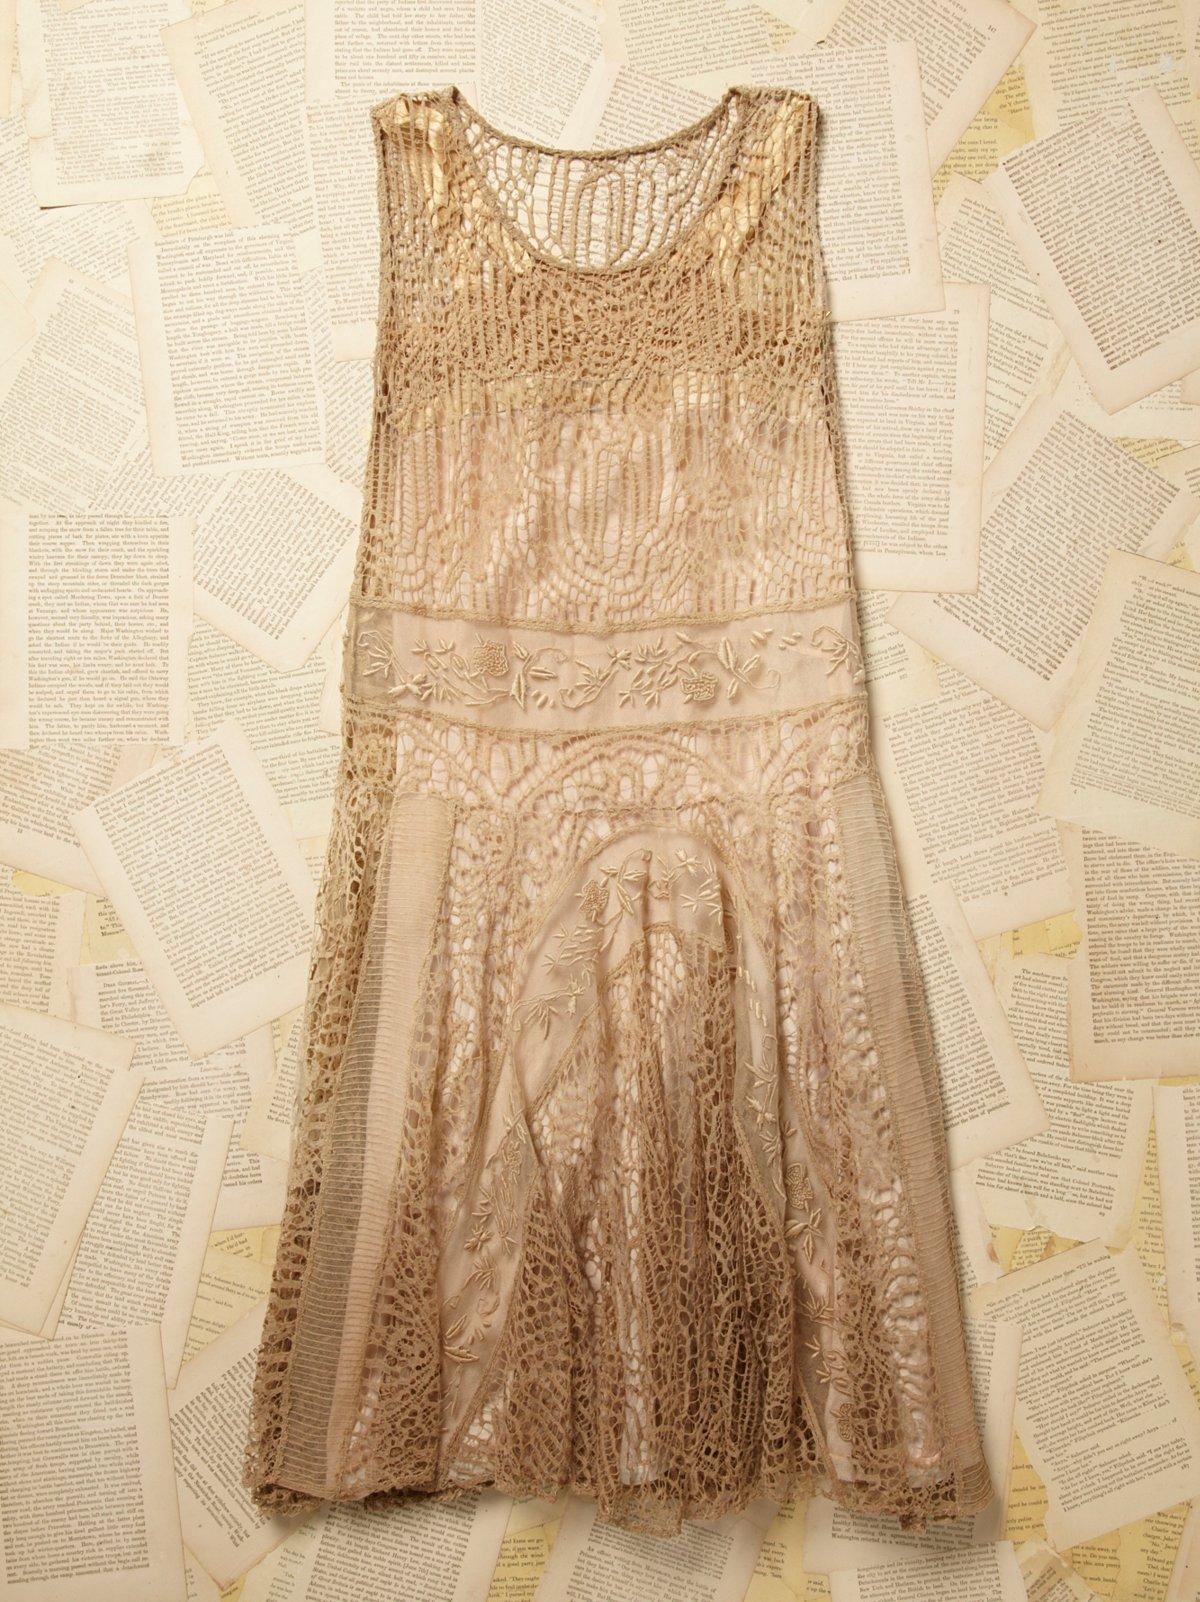 Vintage 1900s Lace Dress